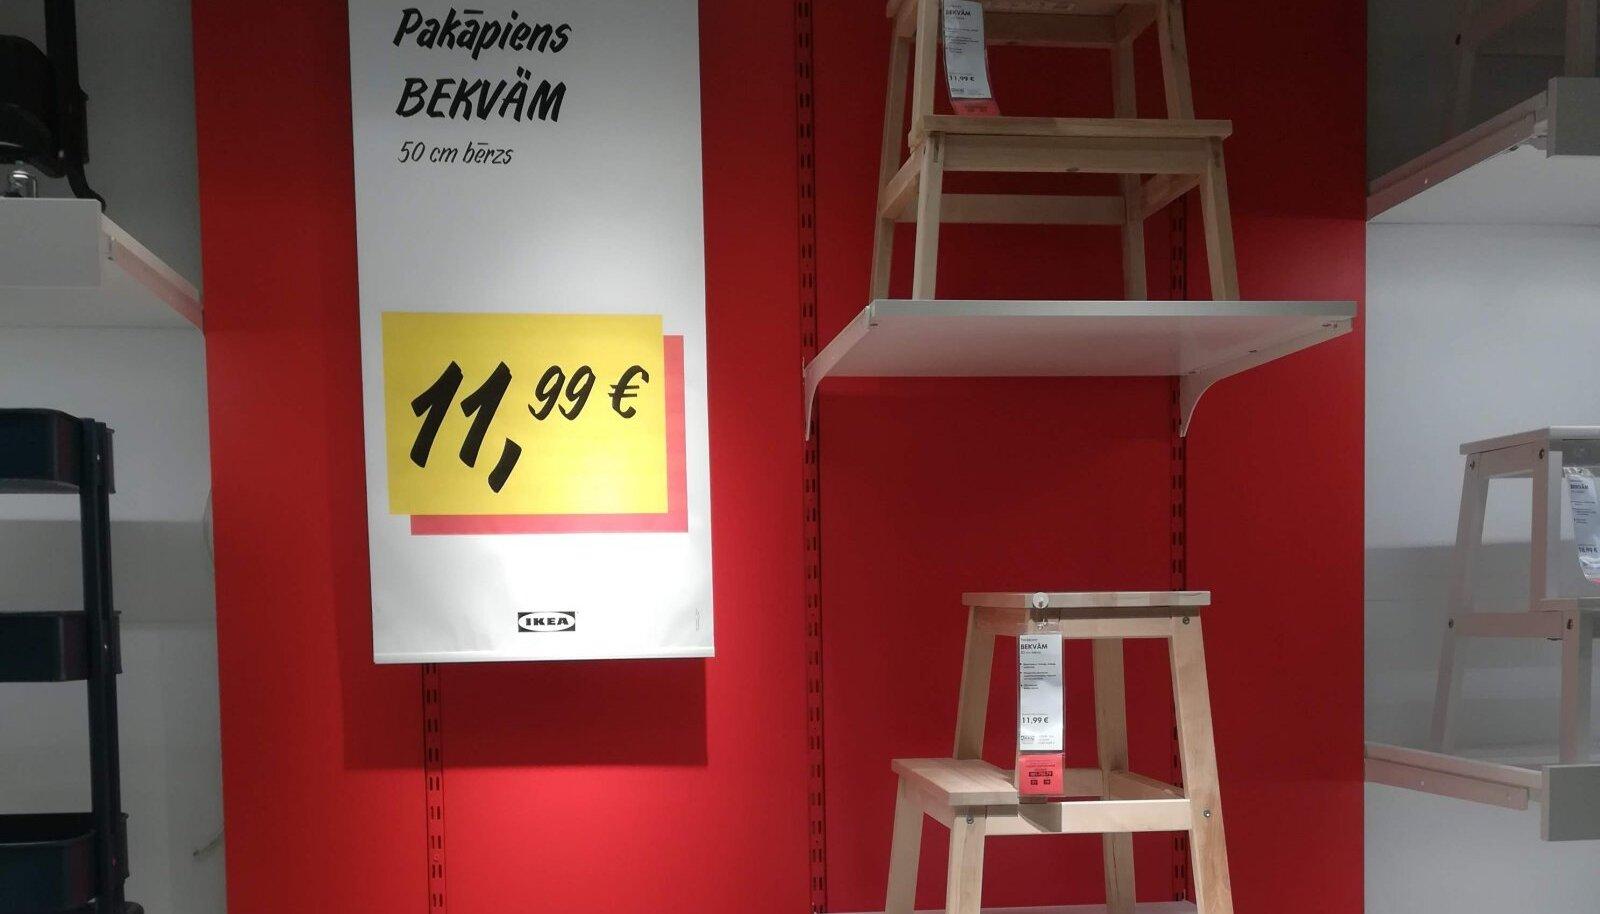 Taburet, mis kuulub soodsamate toodete hulka, on siiski Lätis kallim kui Soomes.